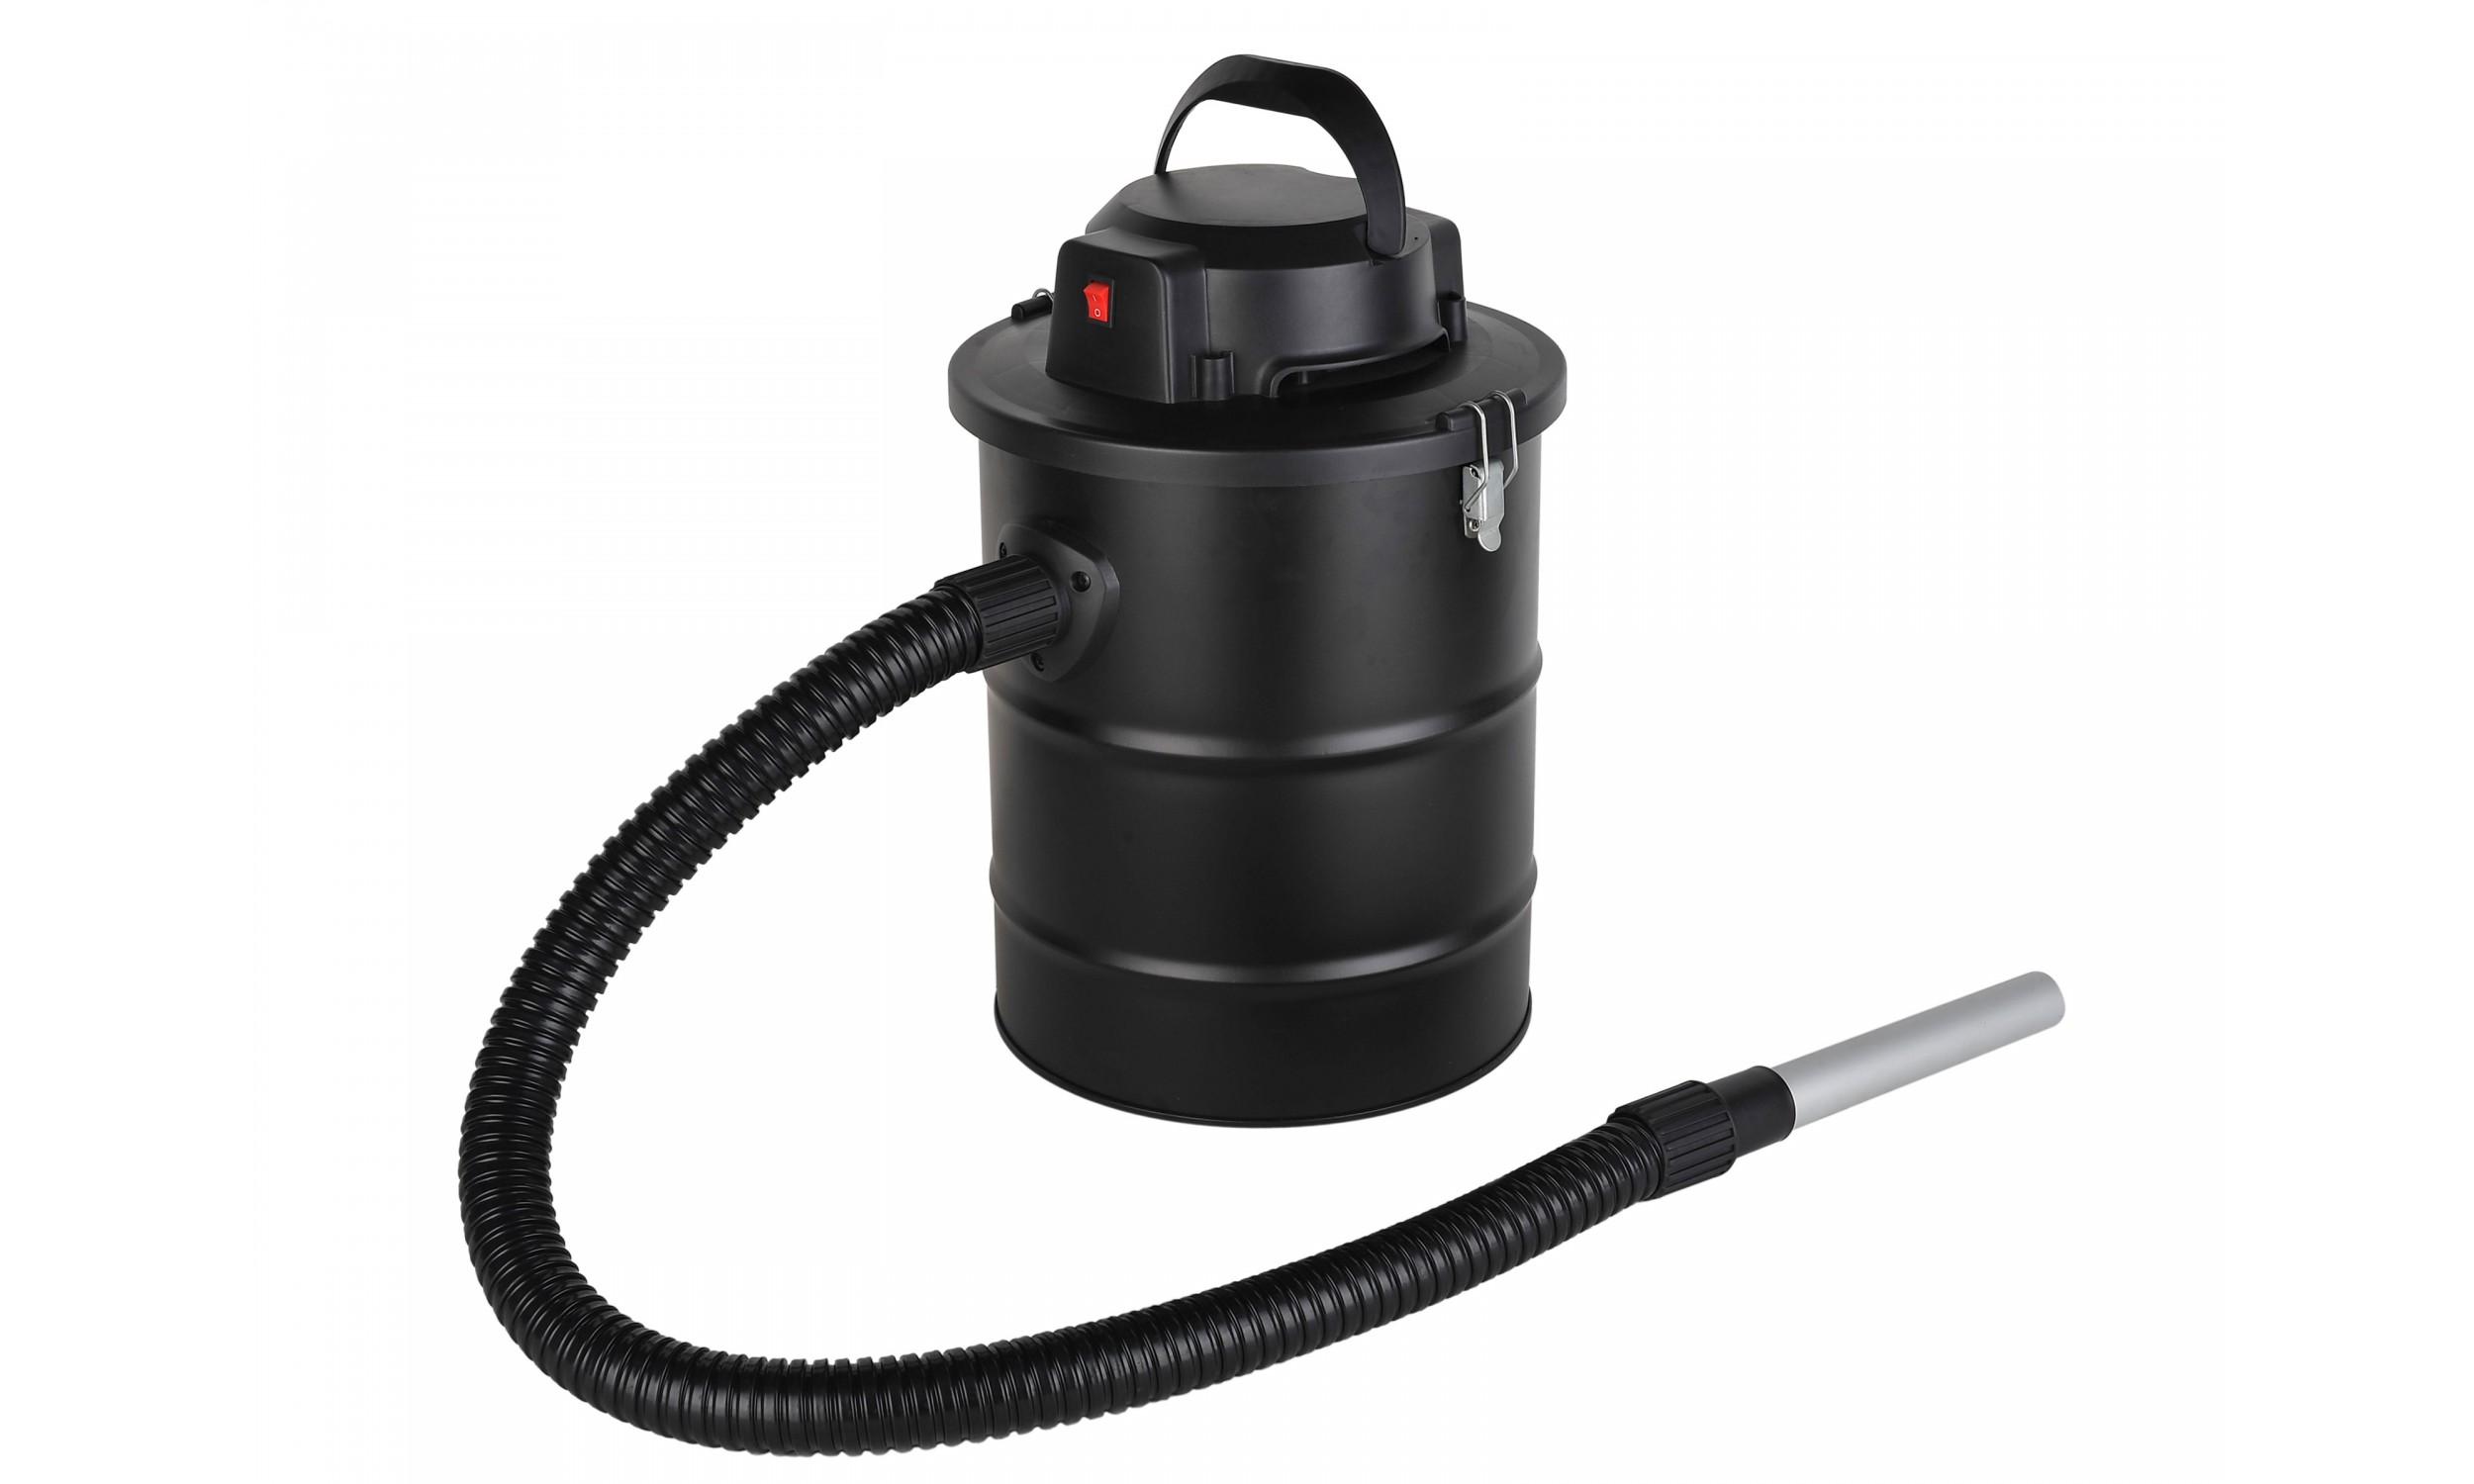 Hot as vacuum cleaner HAVC03